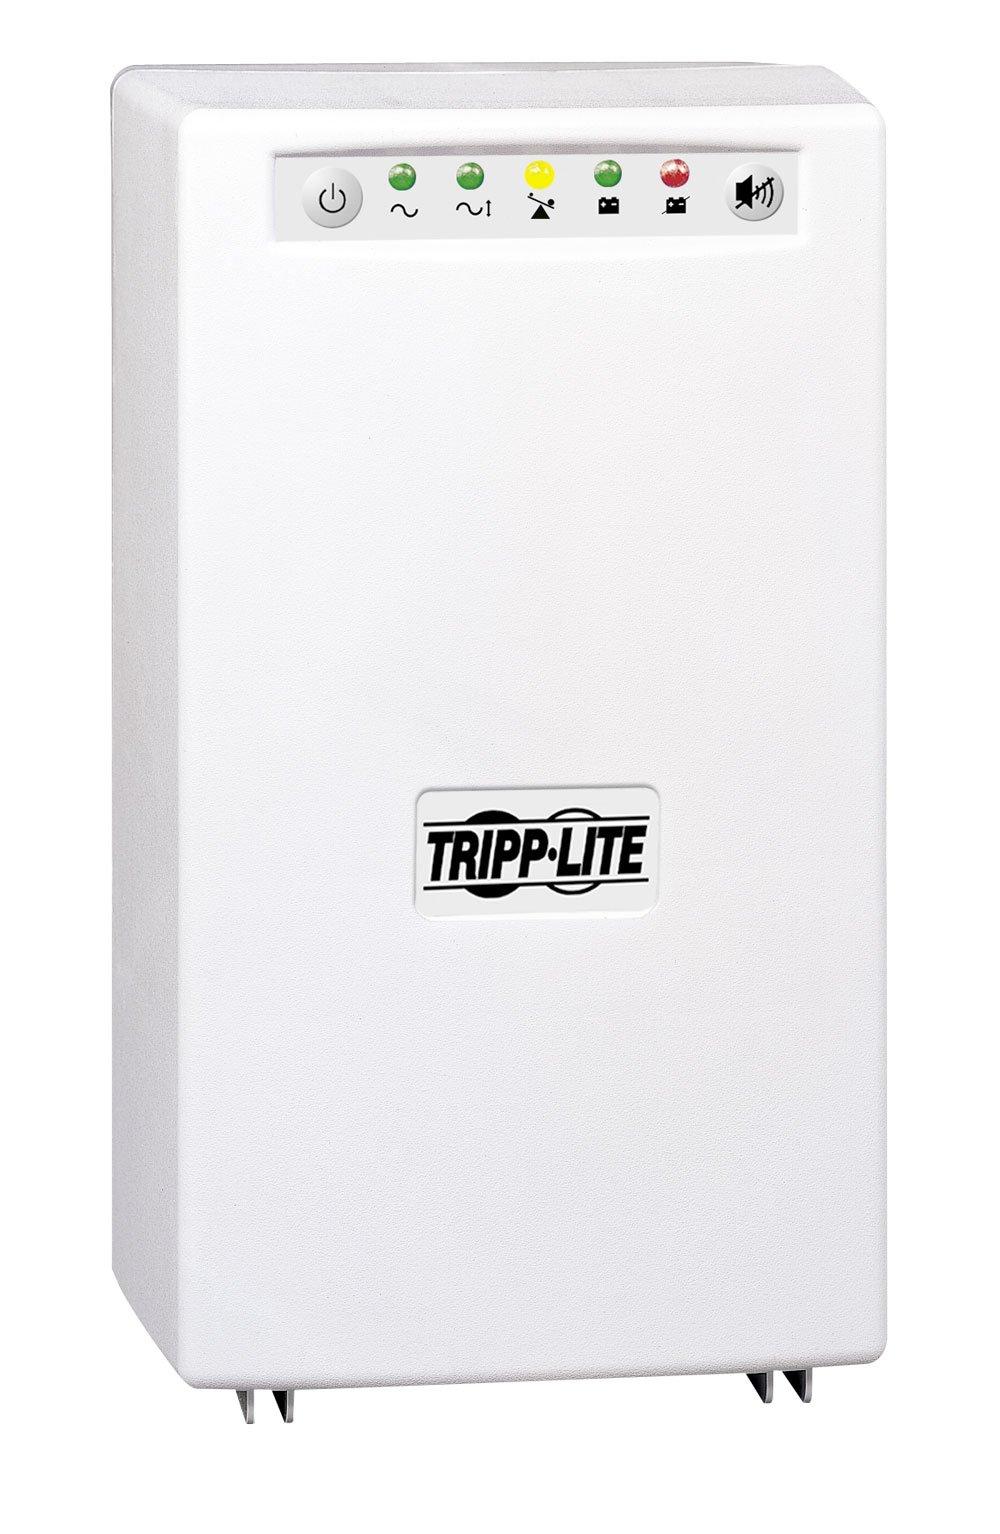 Tripp Lite SMART1200XLHG 1000VA 750W UPS Smart Tower Hospital Medical AVR 120V USB DB9, 4 Outlets